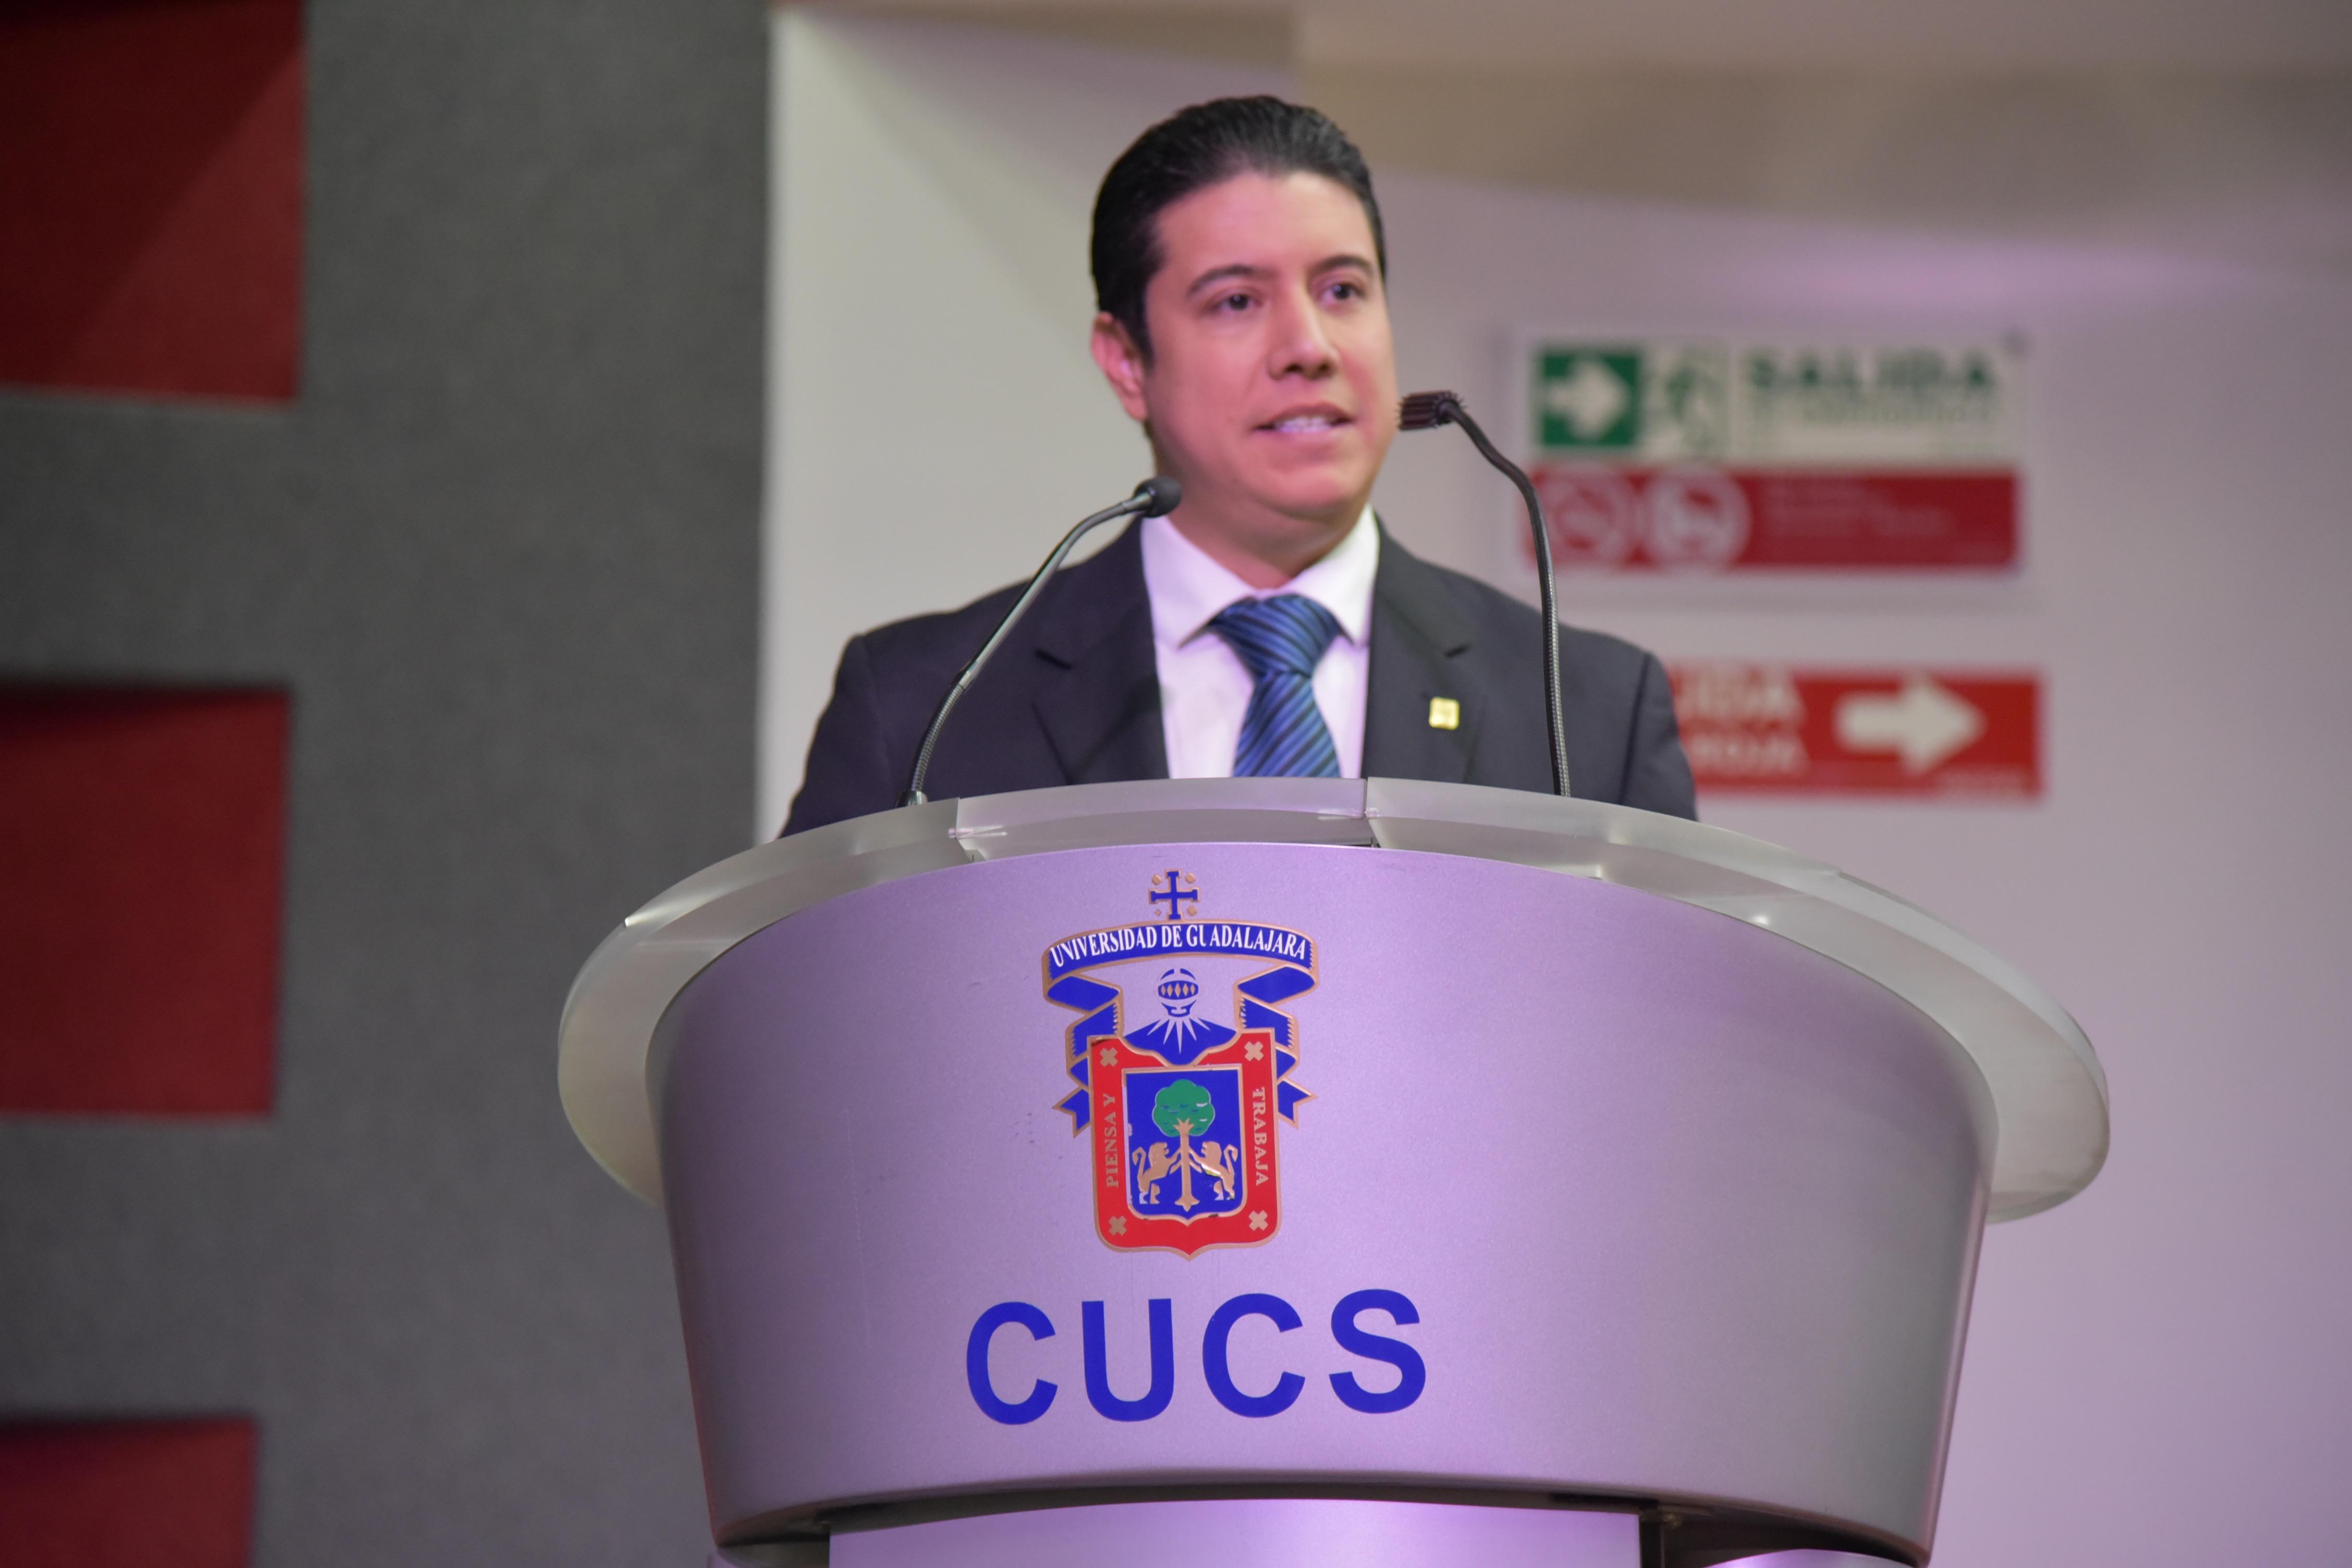 Dr. José María Chávez dando la bienvenida en el podio